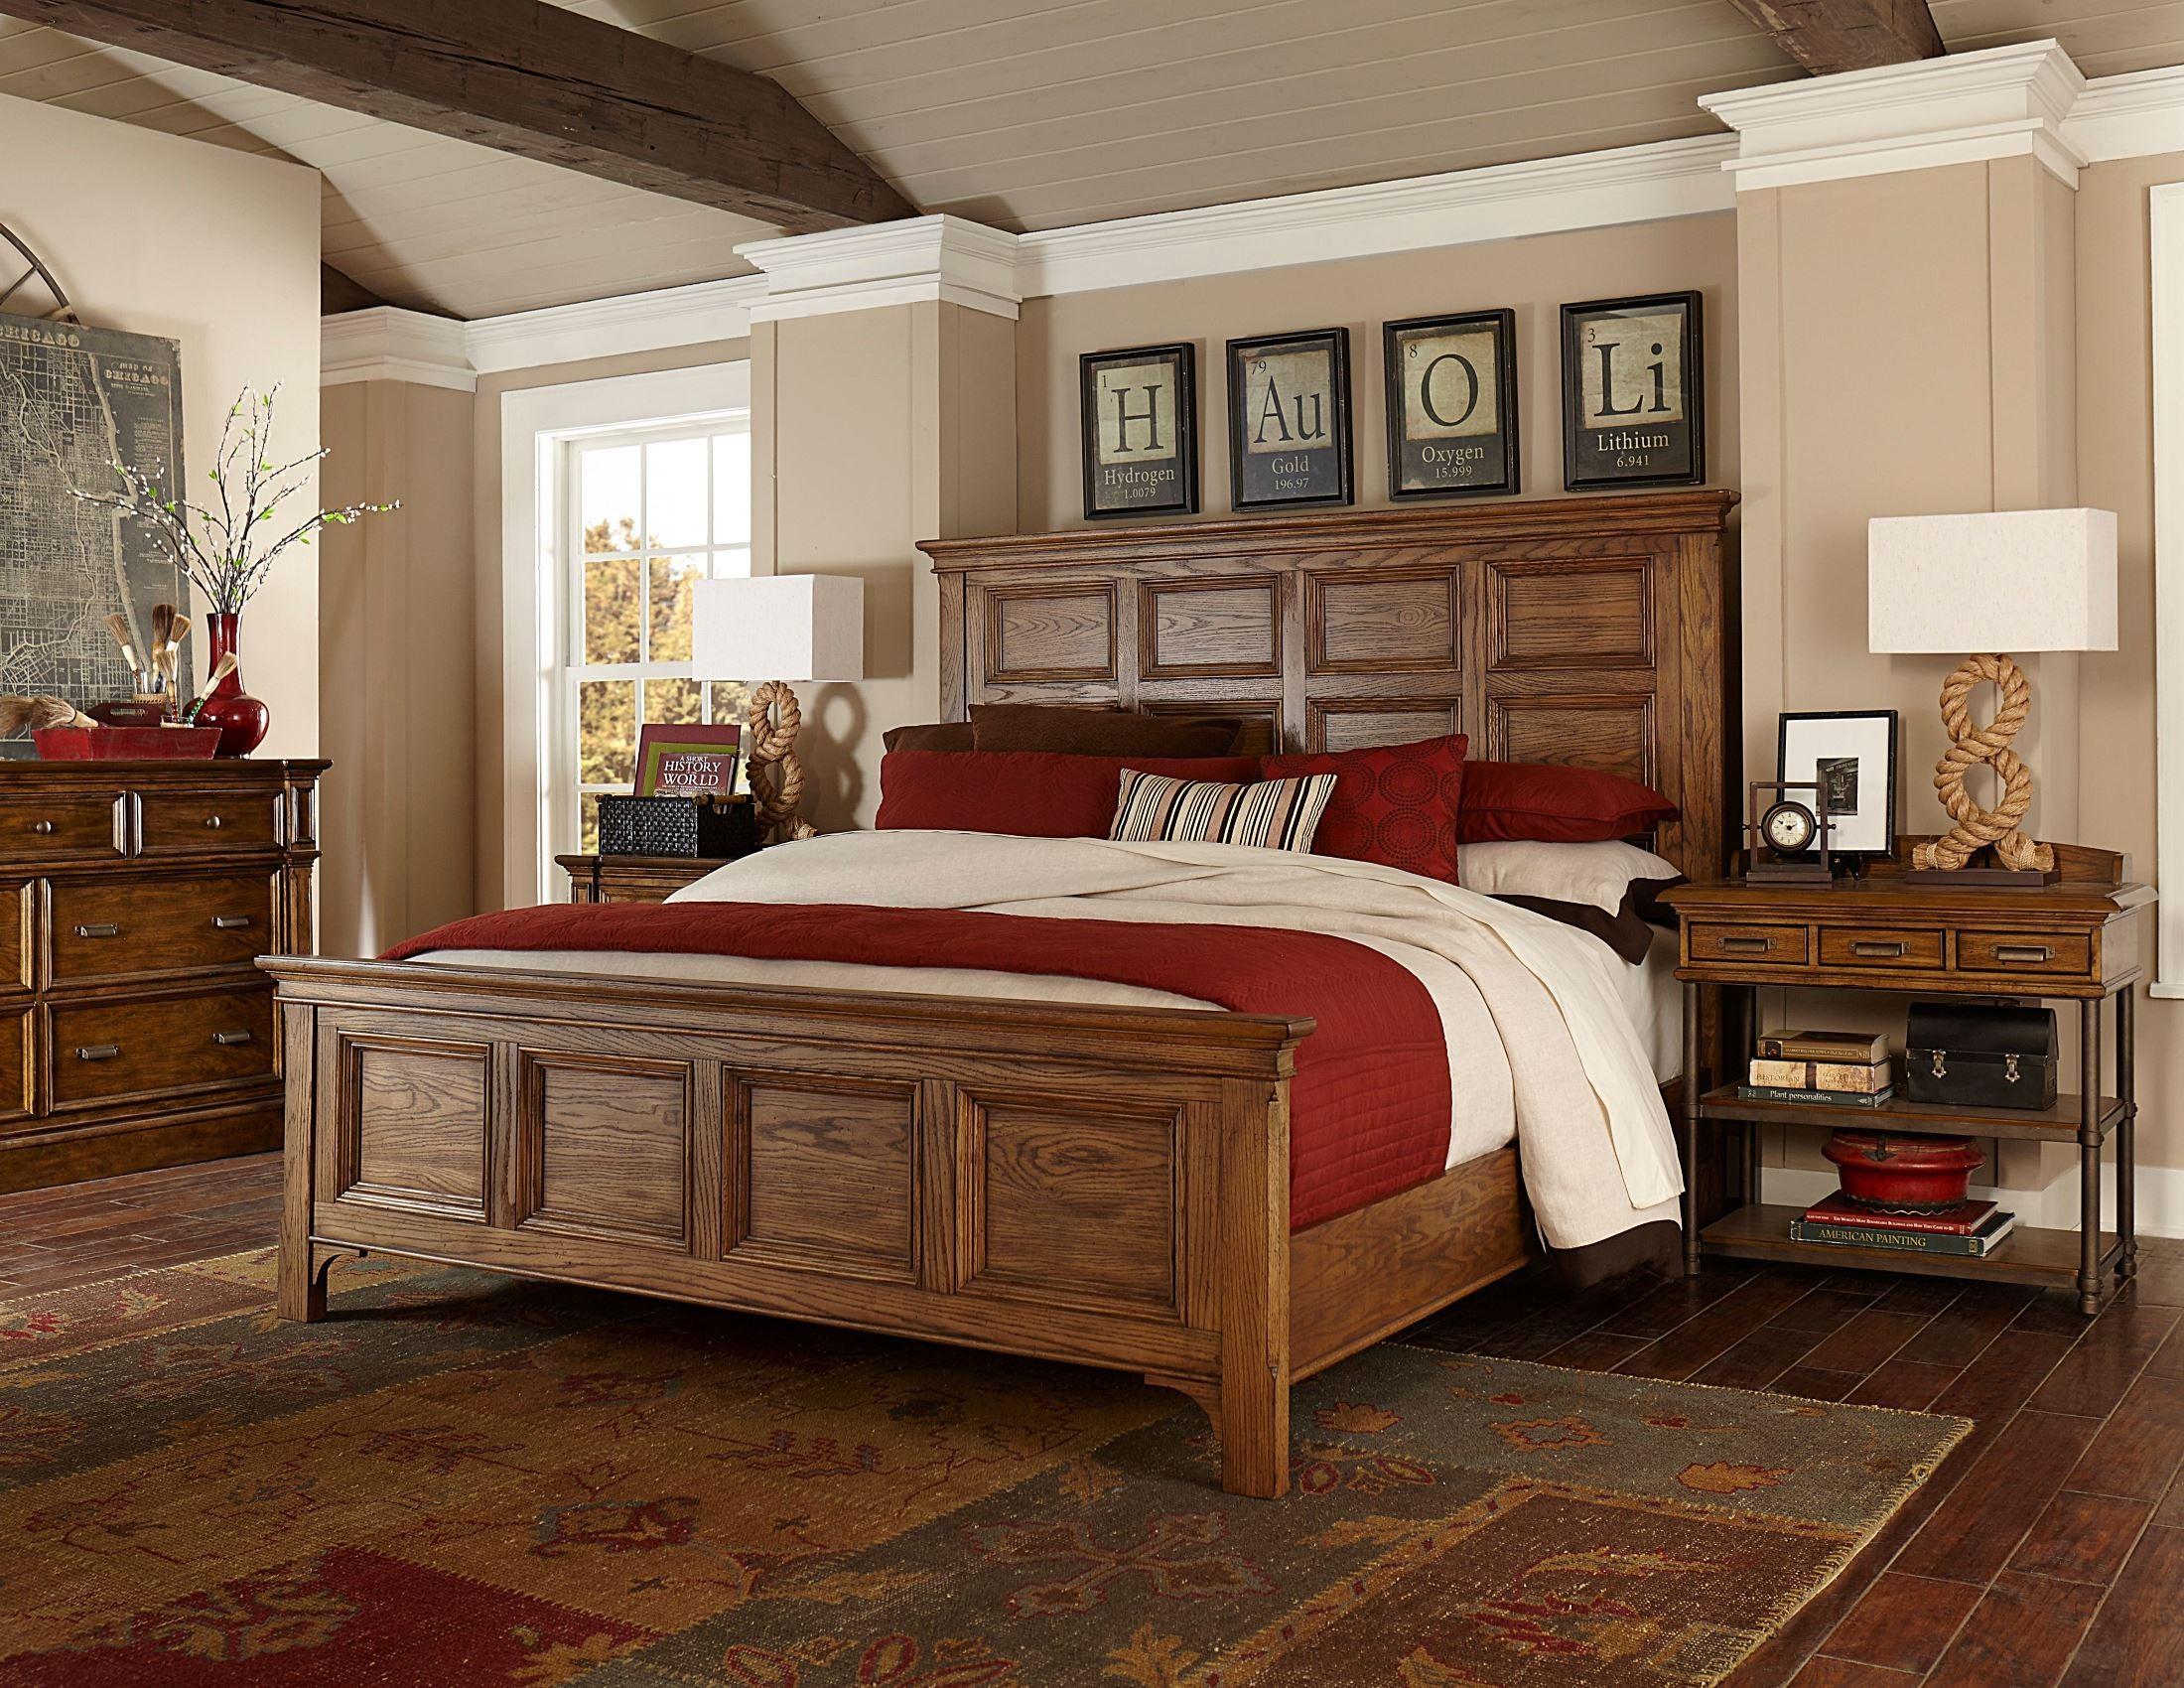 new vintage brown panel bedroom set from broyhill 4808 270 271 480 coleman furniture. Black Bedroom Furniture Sets. Home Design Ideas